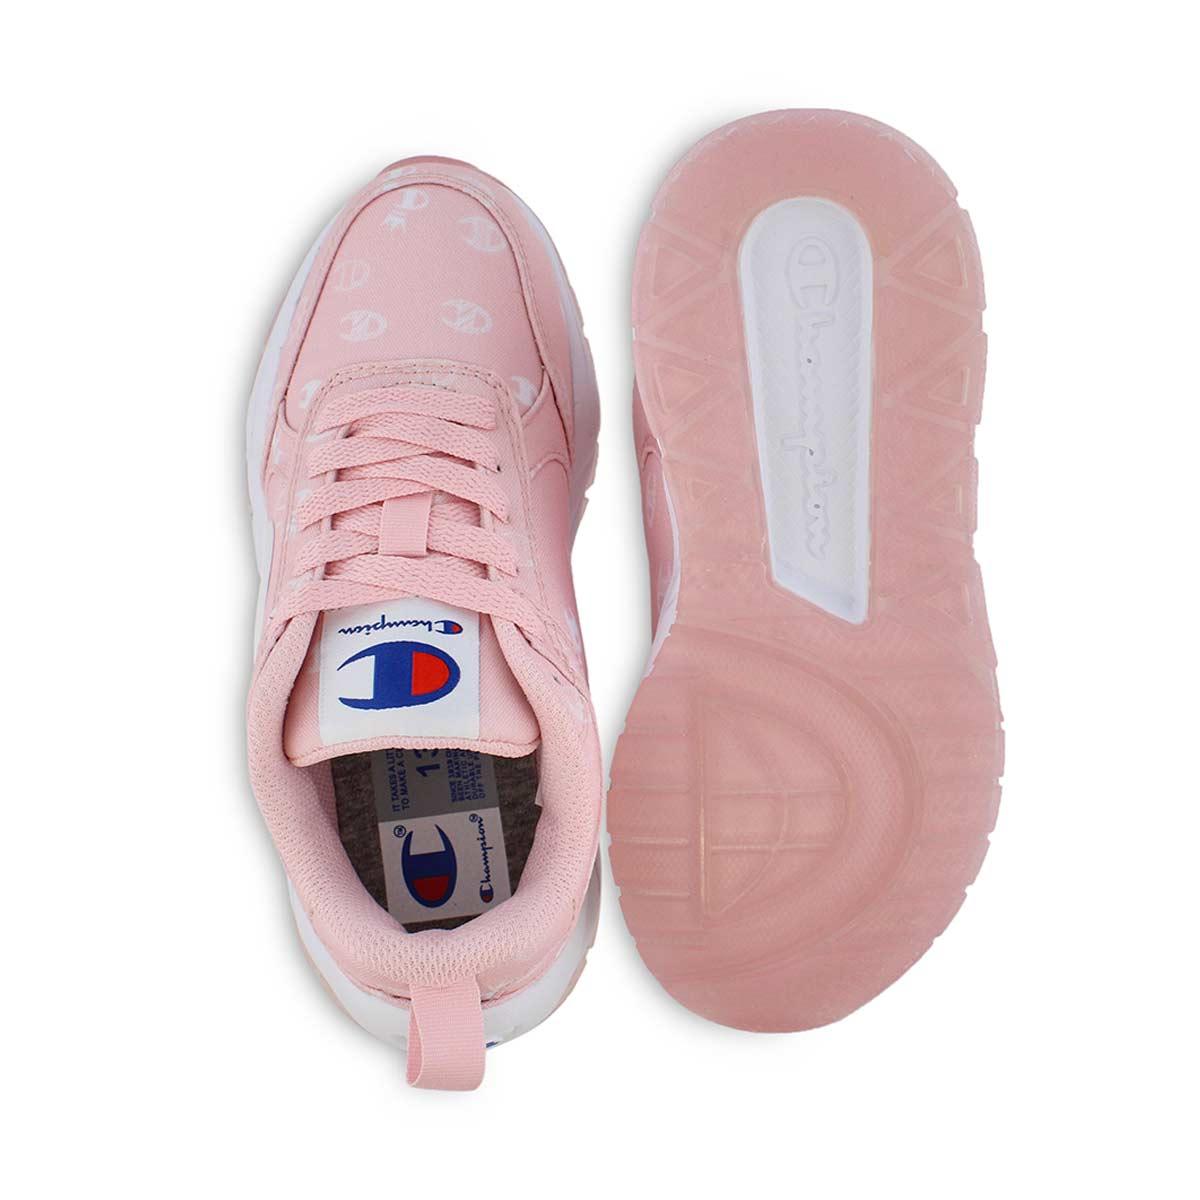 Grls 93Eighteen Queen Mini pnk sneaker